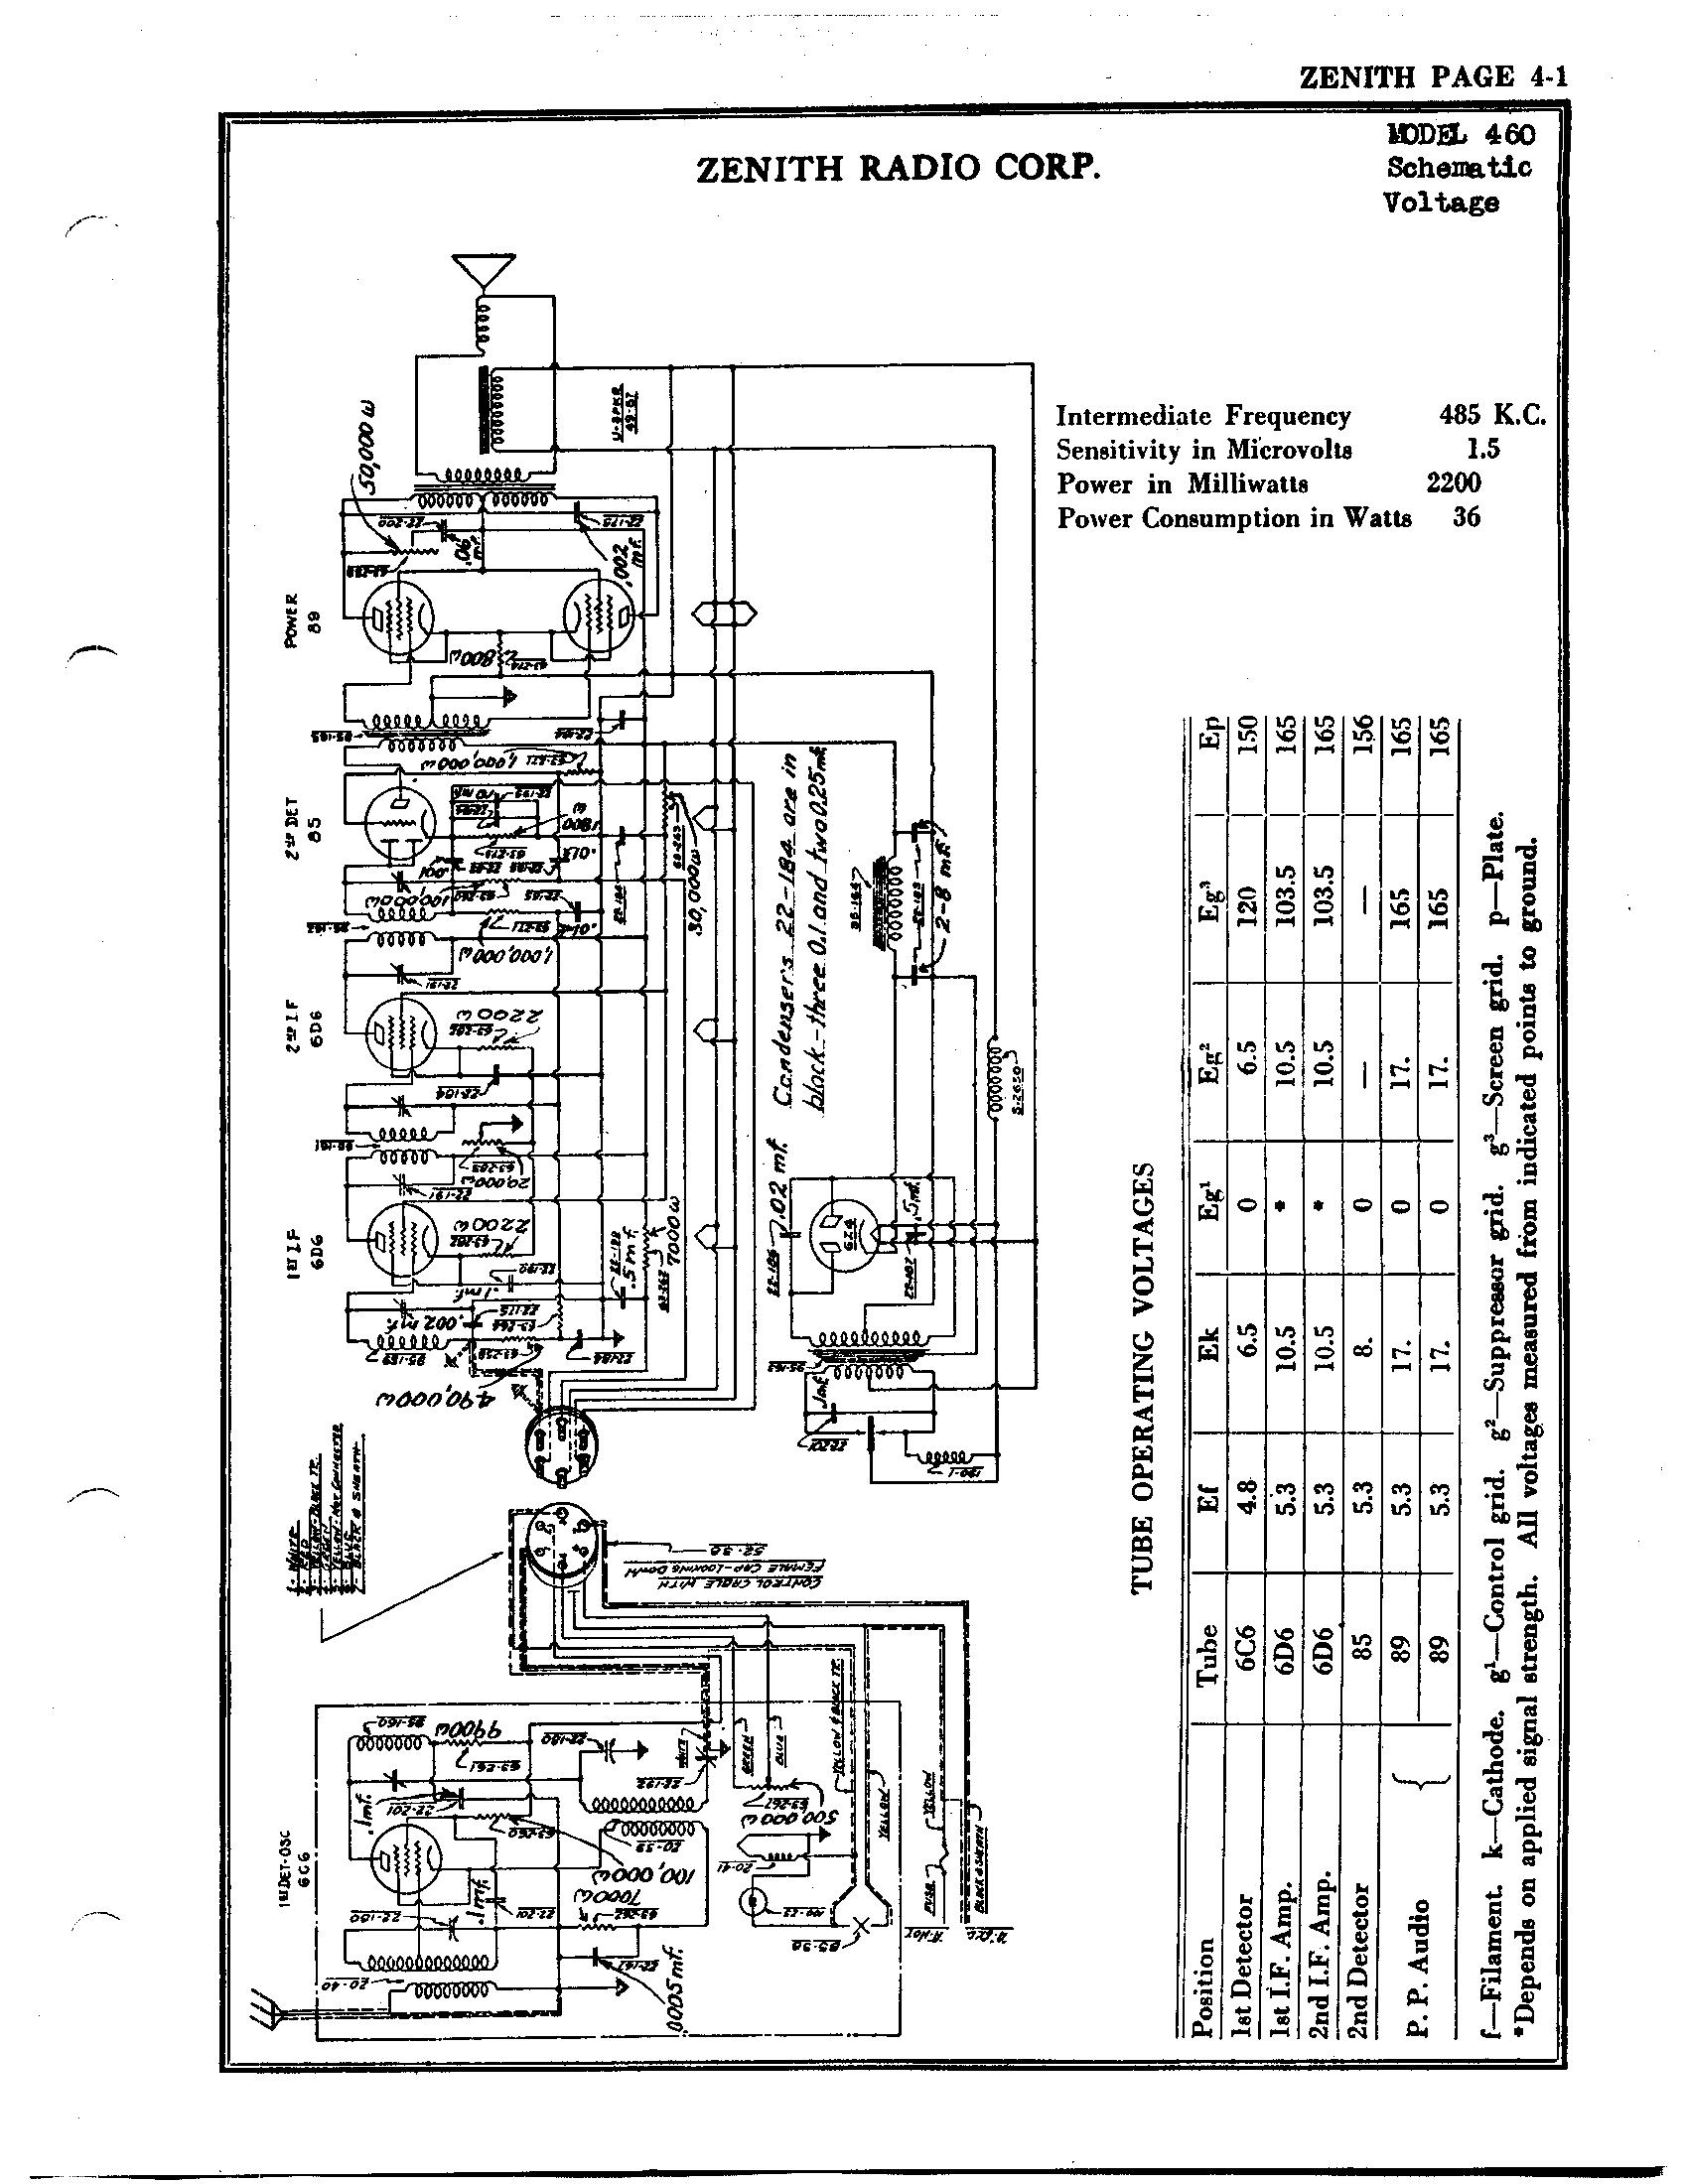 Zenith Radio Corp 460